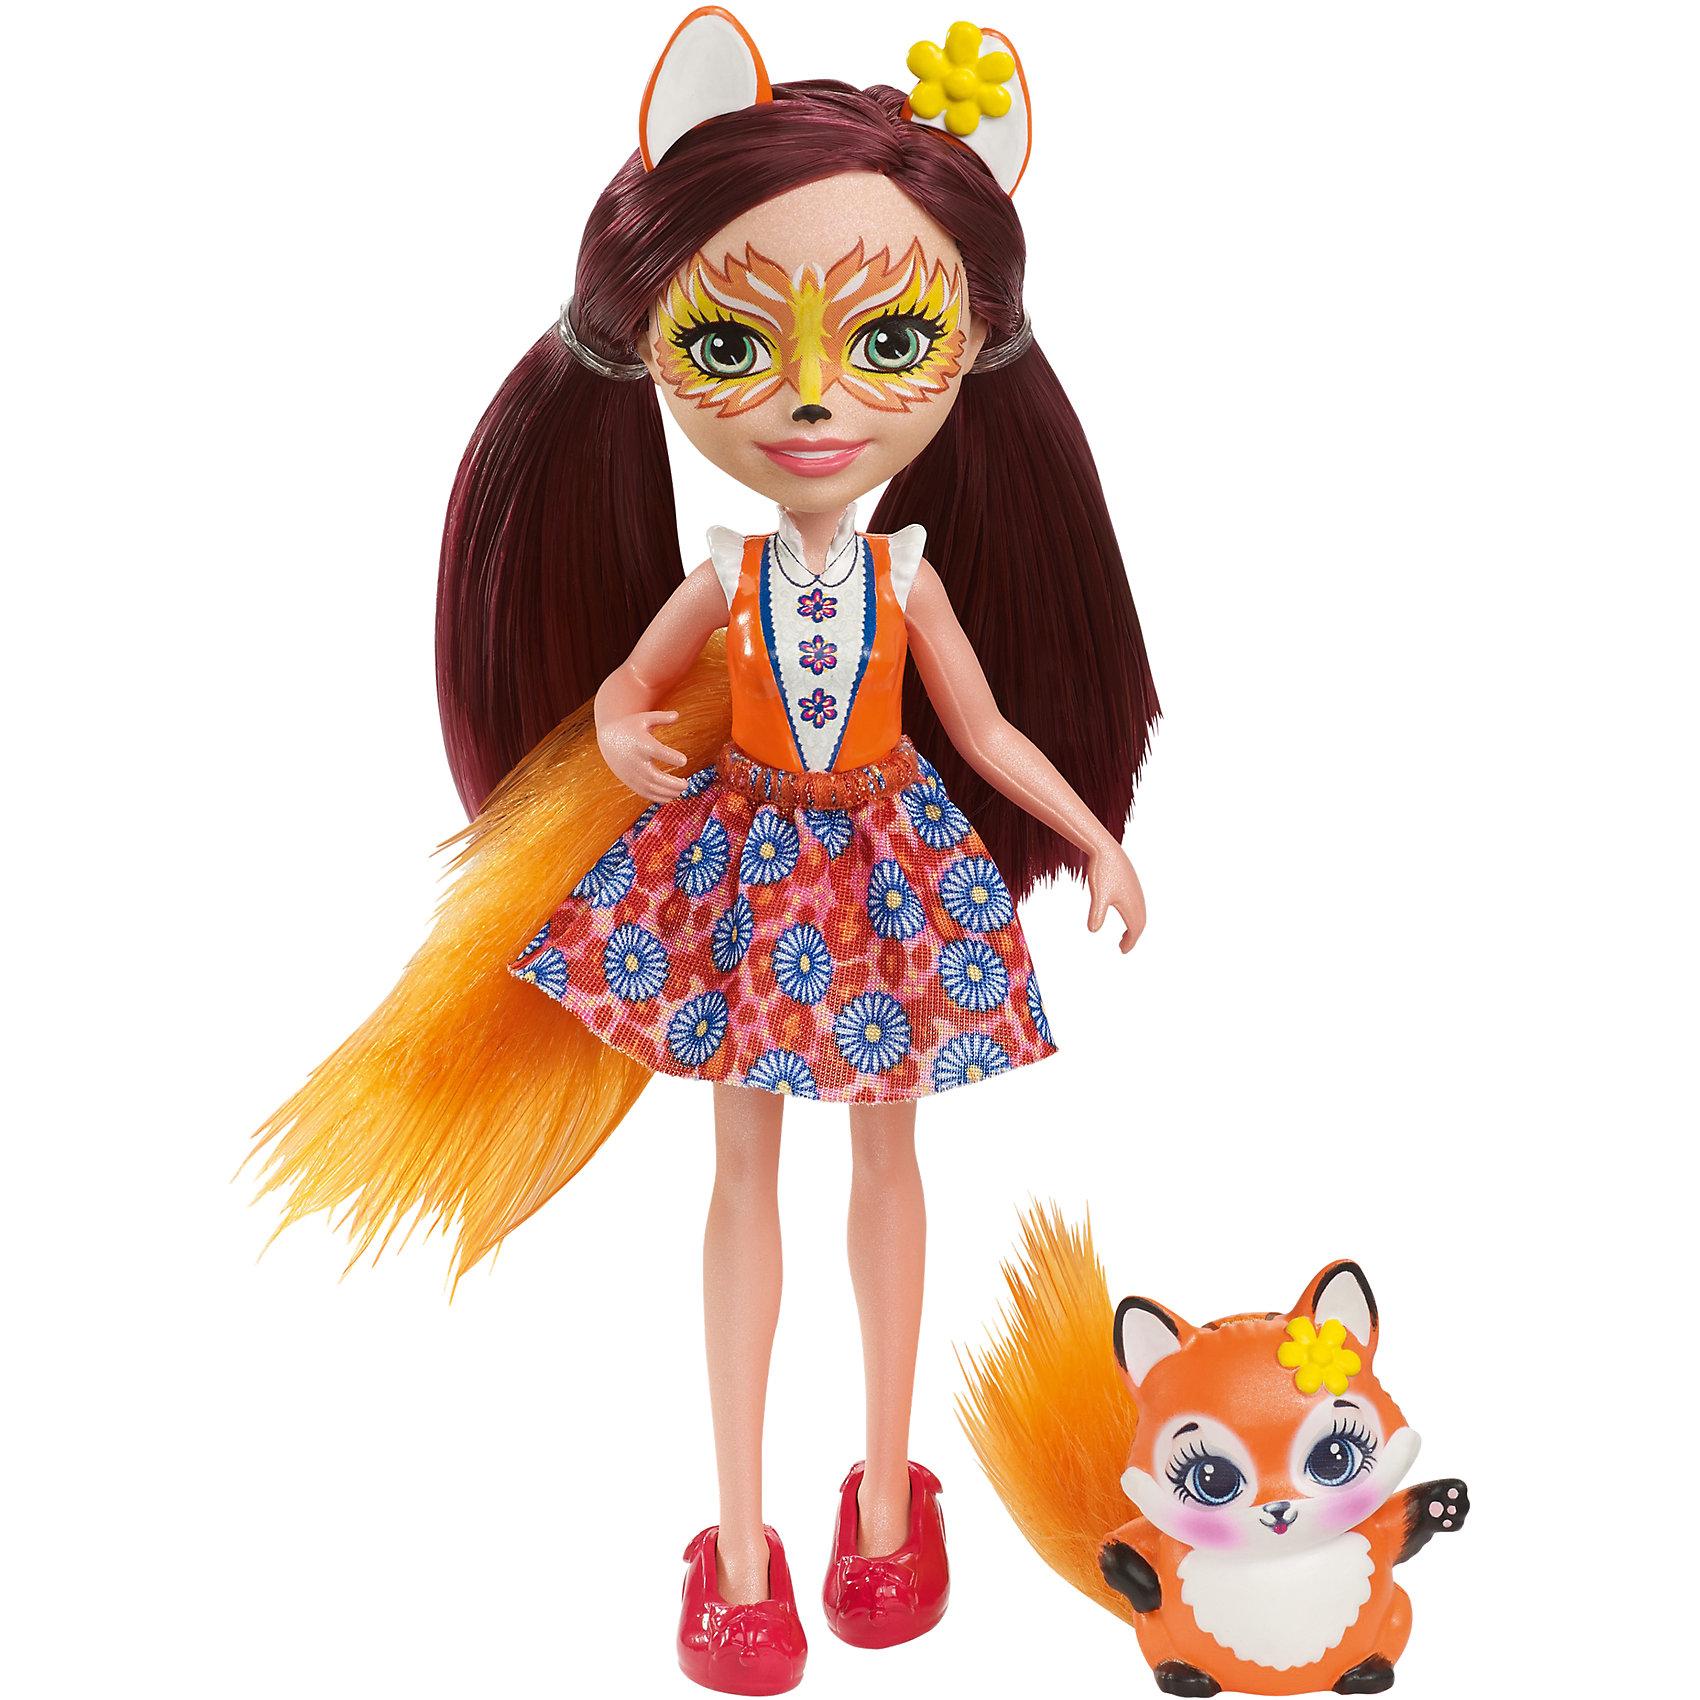 Кукла-лиса Enchantimals Фелисити ФоксМини-куклы<br>Характеристики товара:<br><br>• возраст: от 3 лет;<br>• пол: девочка;<br>• материал: пластик, текстиль<br>• высота куклы: 15 см;<br>• в комплекте : кукла, фигурка питомца; <br>• подвижные руки, ноги и голова кукол;<br>• мягкие волосы, которые можно расчесывать;                                         <br>• страна-производитель: Индонезия;                                    <br>• размер упаковки: 5,5х10х32,5 см.<br><br>Новинка от Mattel!<br>Перед вами Фелисити Лис и ее милый пушистый лисёнок Флик. Они так похожи! У Фелисити есть лисьи ушки, хвостик и носик. А еще у нее зелёные глазки и красные длинные волосы, которые можно расчёсывать. <br><br>Наряд Фелисити просто очарователен: оранжево-белый верх и пышная оранжевая юбка с цветочным принтом. А еще на ножках нашей героини красуются туфельки в виде лисят, дополняющие образ.<br><br>У лисенка Флика милая мордочка, лапки и ушки, большие глазки и пушистый хвостик.<br><br>Куклу Фелисити Лис от Mattel можно купить в нашем интернет-магазине.<br><br>Ширина мм: 233<br>Глубина мм: 129<br>Высота мм: 34<br>Вес г: 94<br>Возраст от месяцев: 72<br>Возраст до месяцев: 120<br>Пол: Женский<br>Возраст: Детский<br>SKU: 6739698